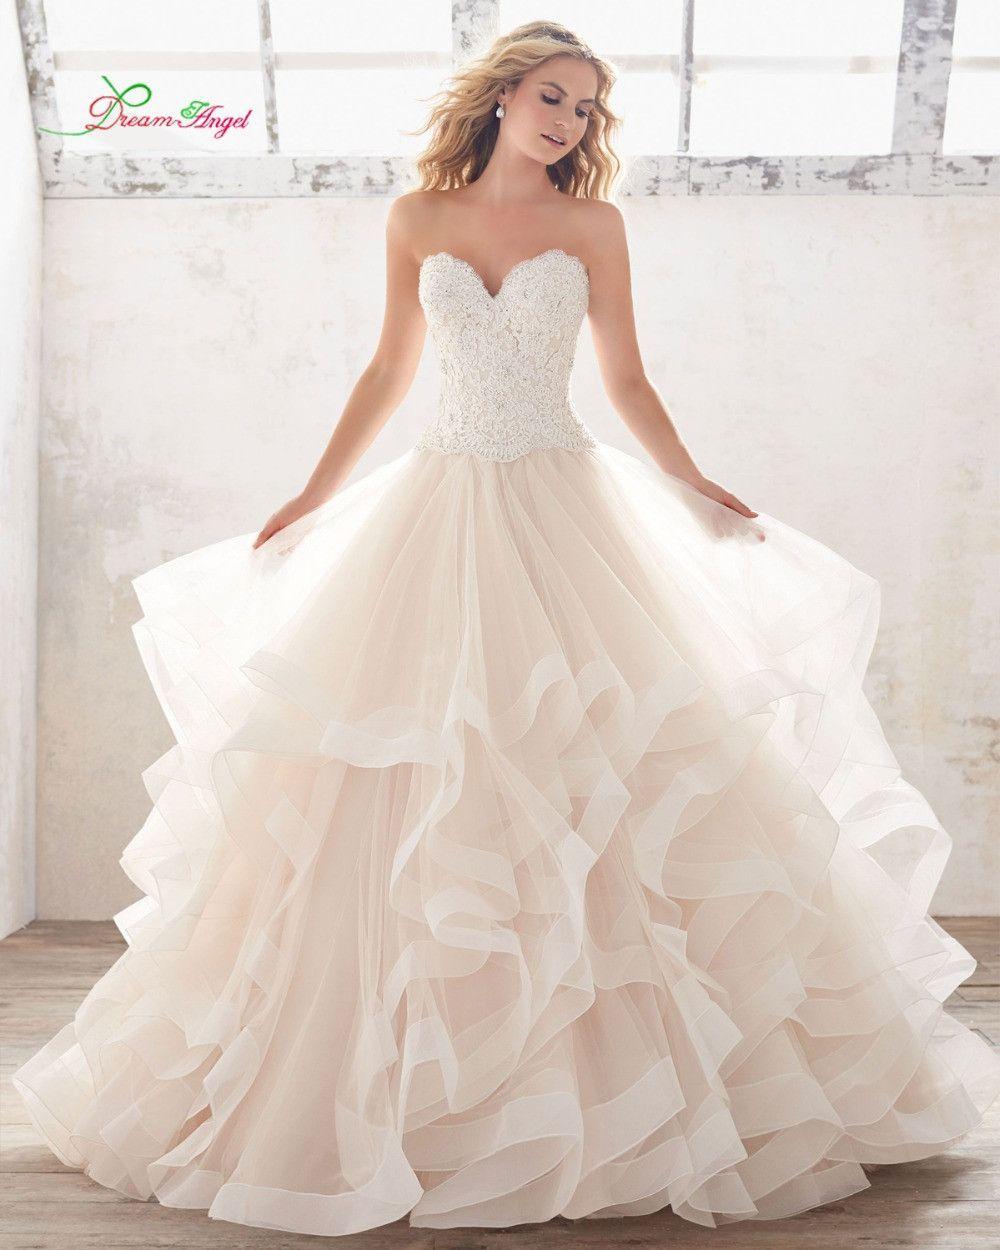 Dream angel vestido de noiva sweetheart ruffles wedding dress